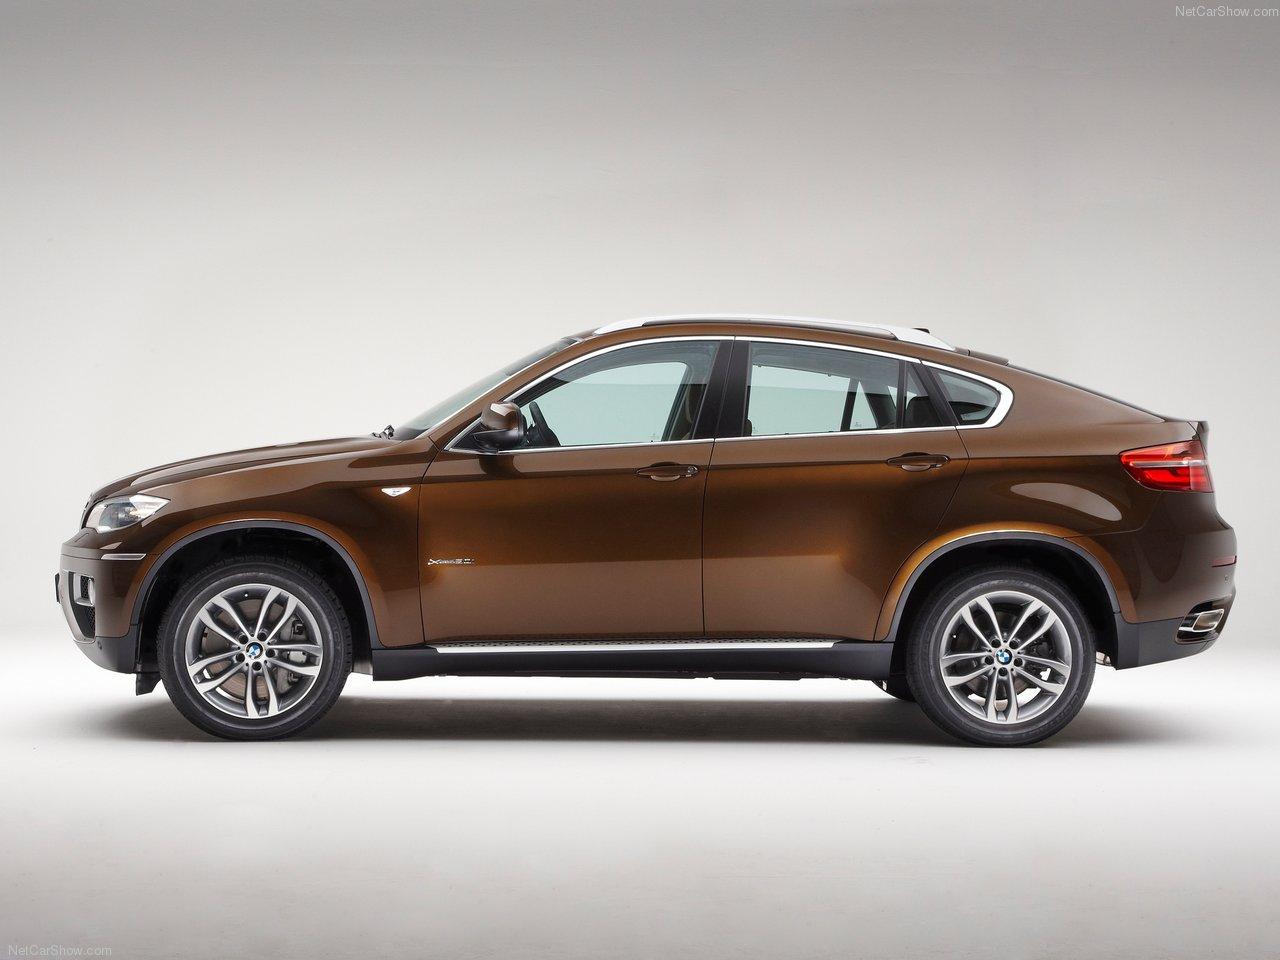 BMW X6 åpnet vei til en ny nisje